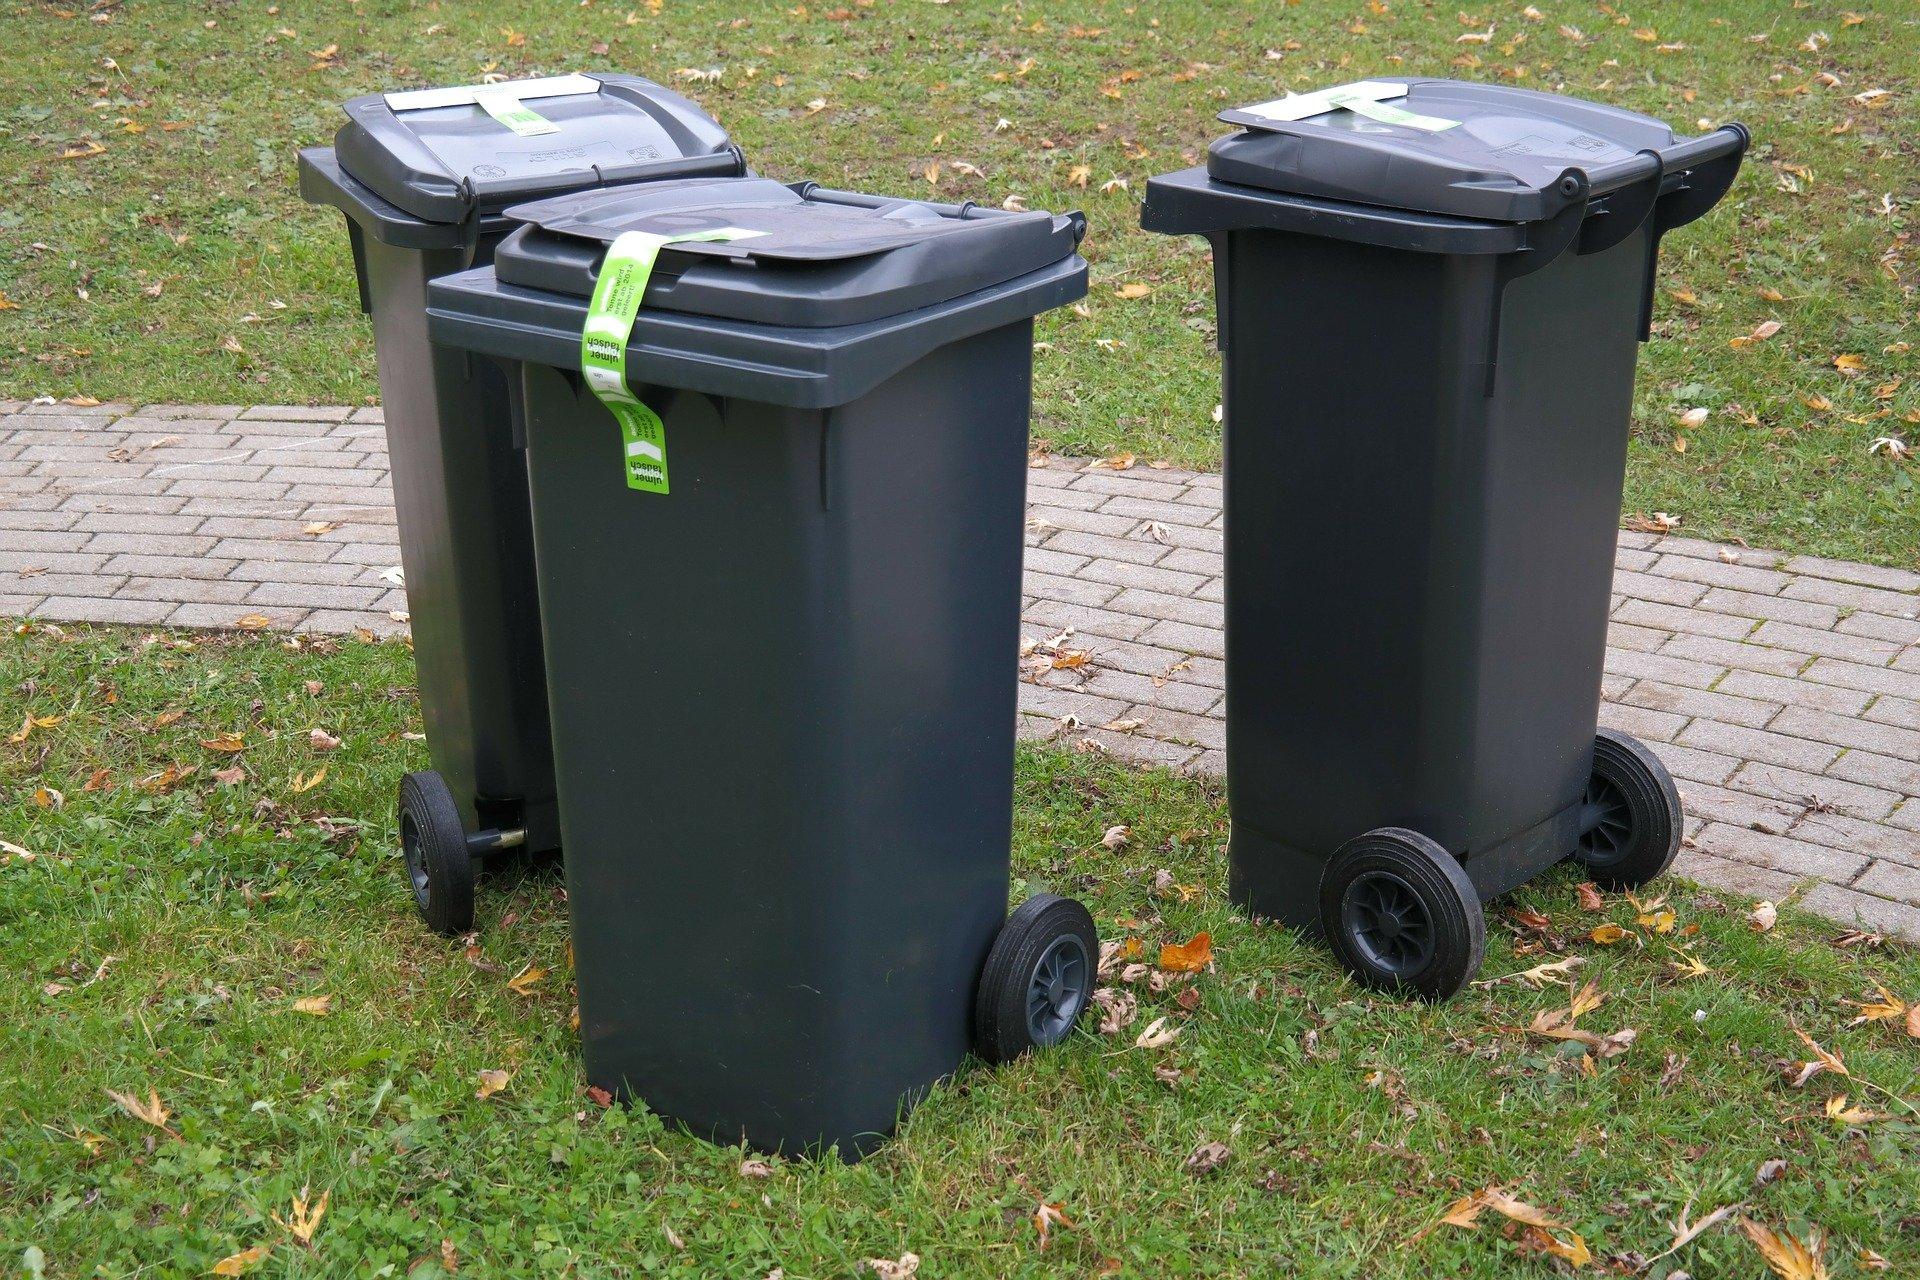 Nieruchomości niezamieszkałe objęte komunalnym systemem odbioru odpadów